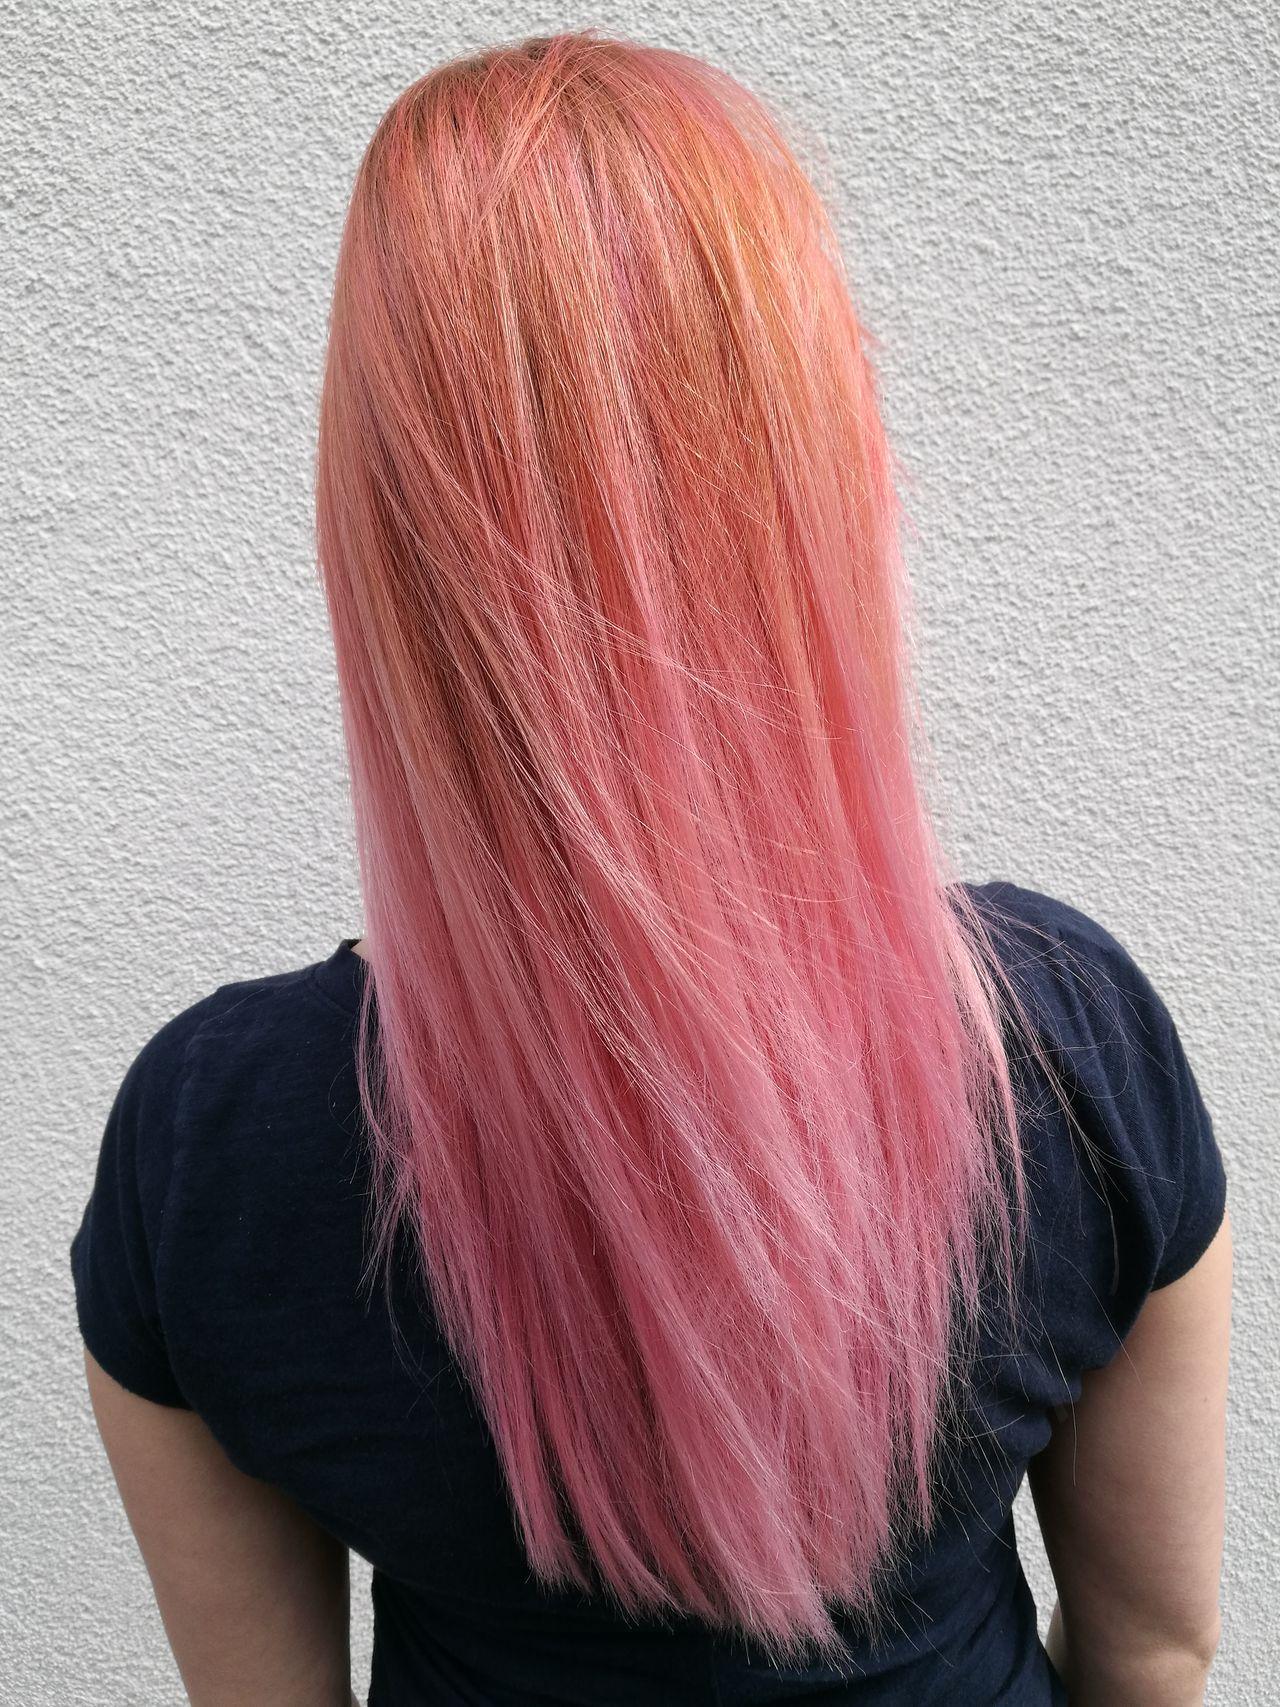 Rosé Hair Haircut Hairstyles Haircolor Hair Care Hairdresser Hair Color Hairstylist Education